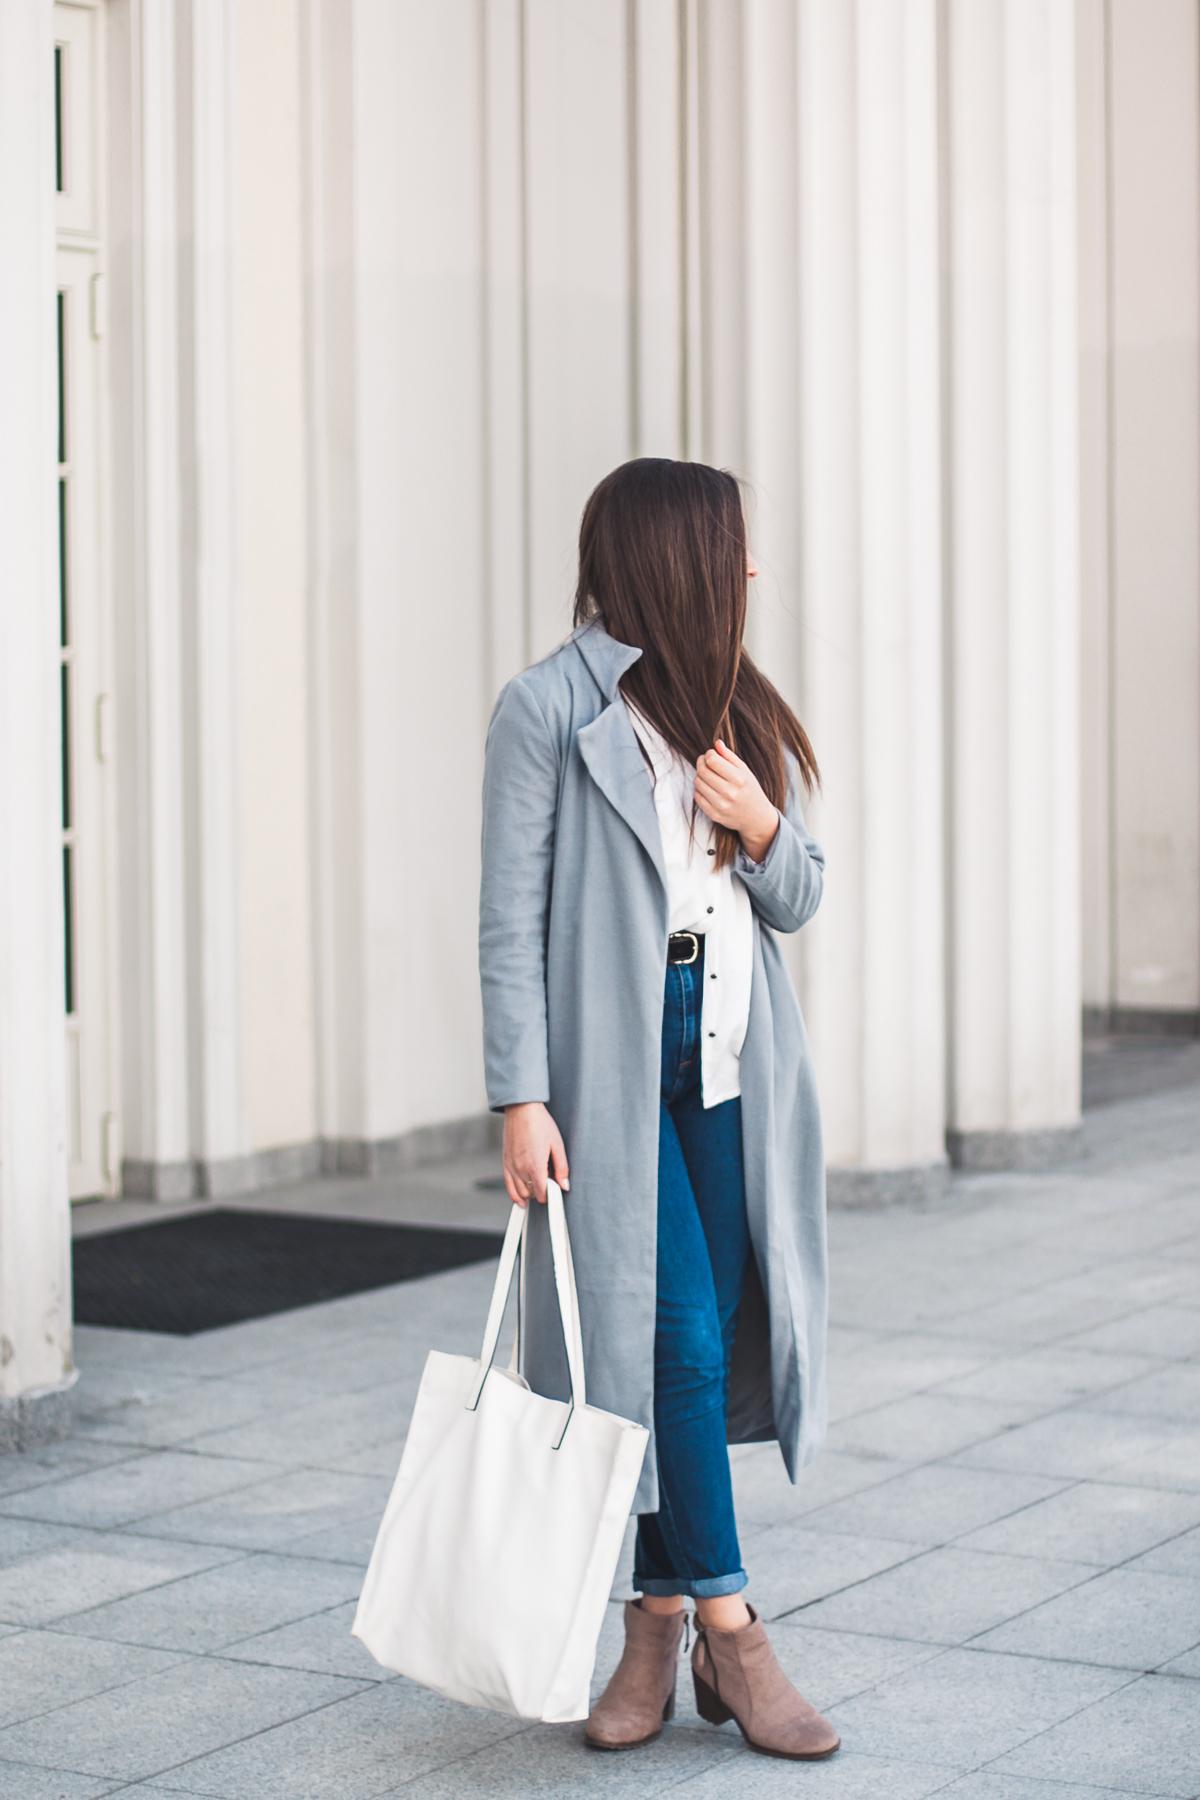 stylizacja z długim płaszczem